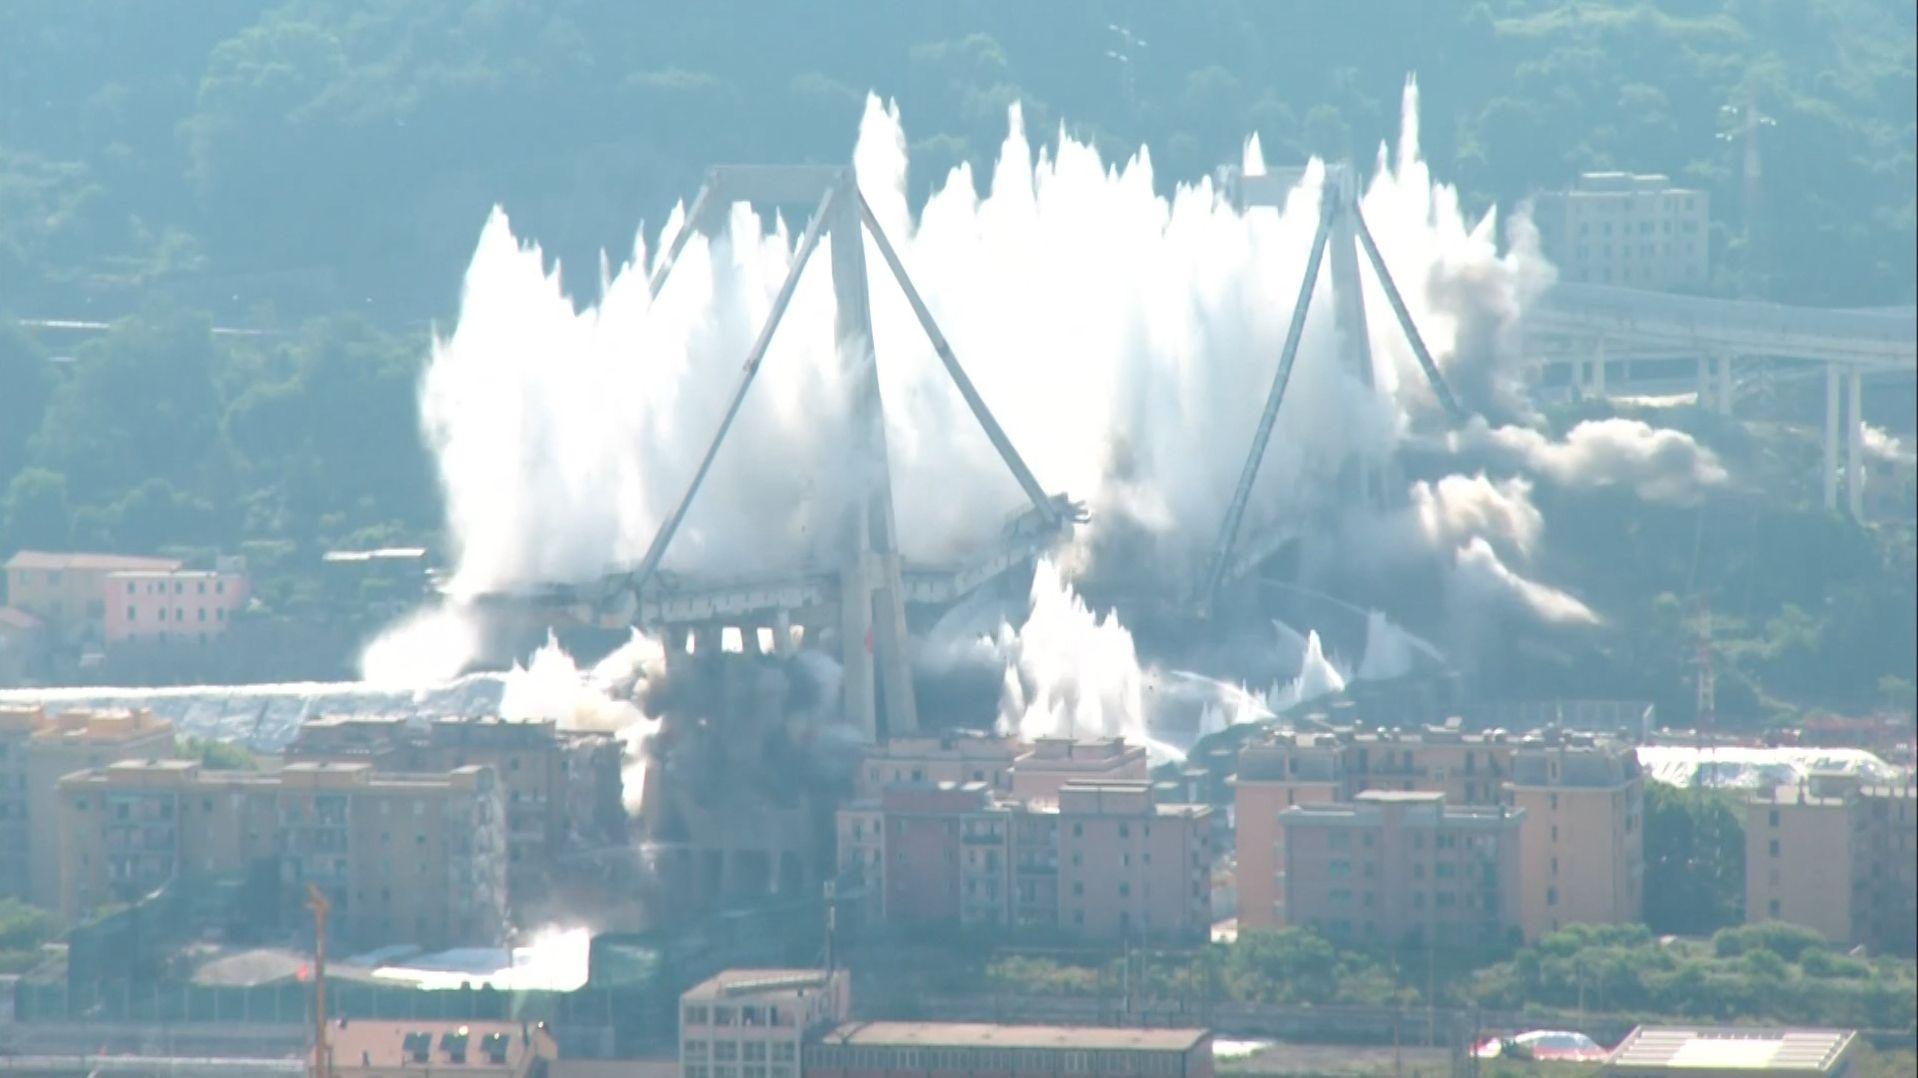 Heute wurden die zwei letzten Pfeiler der Morandi-Brücke in Genua gesprengt, die am 14. August 2018 eingestürzt war.